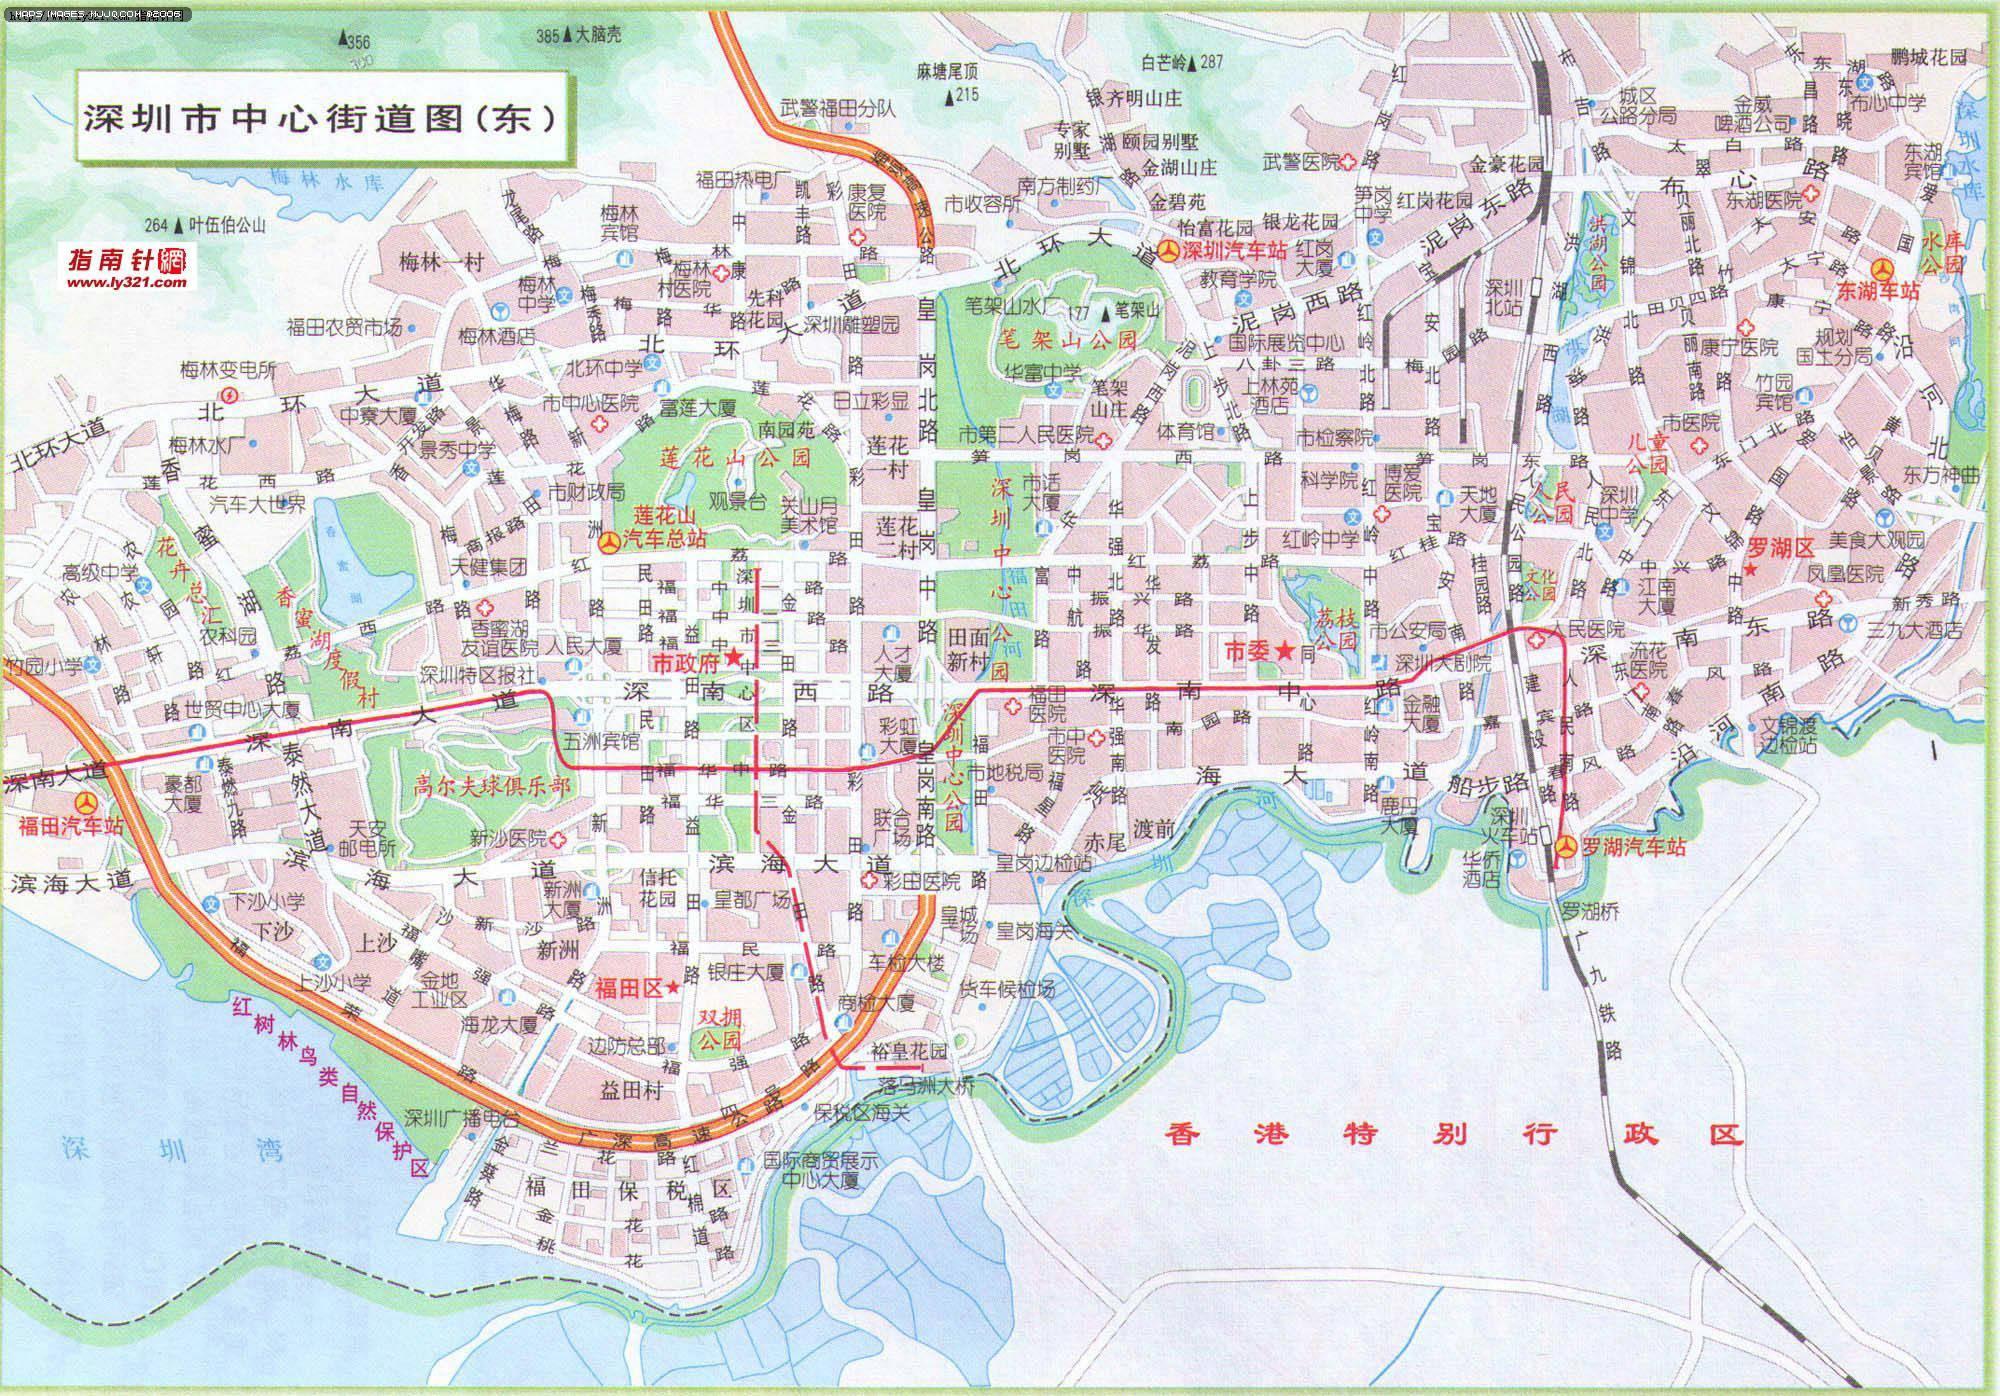 地图 深圳市/深圳市中心街道地图(东)